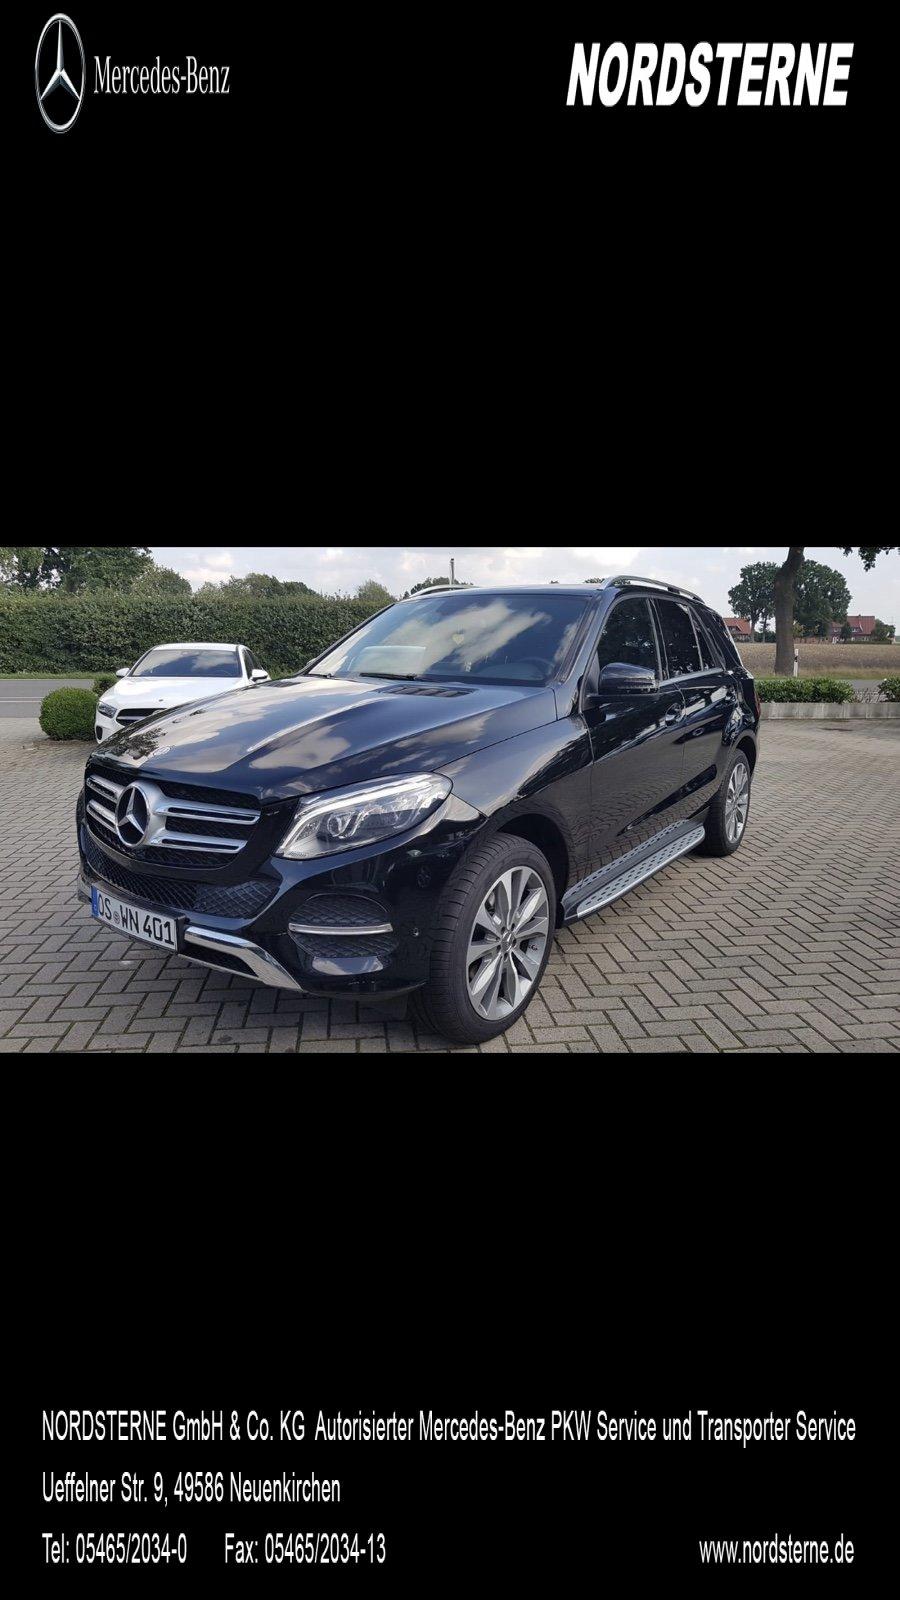 Mercedes-Benz GLE 250 d 4MATIC 20 Zoll COMAND ILS LED SHZ, Jahr 2015, diesel